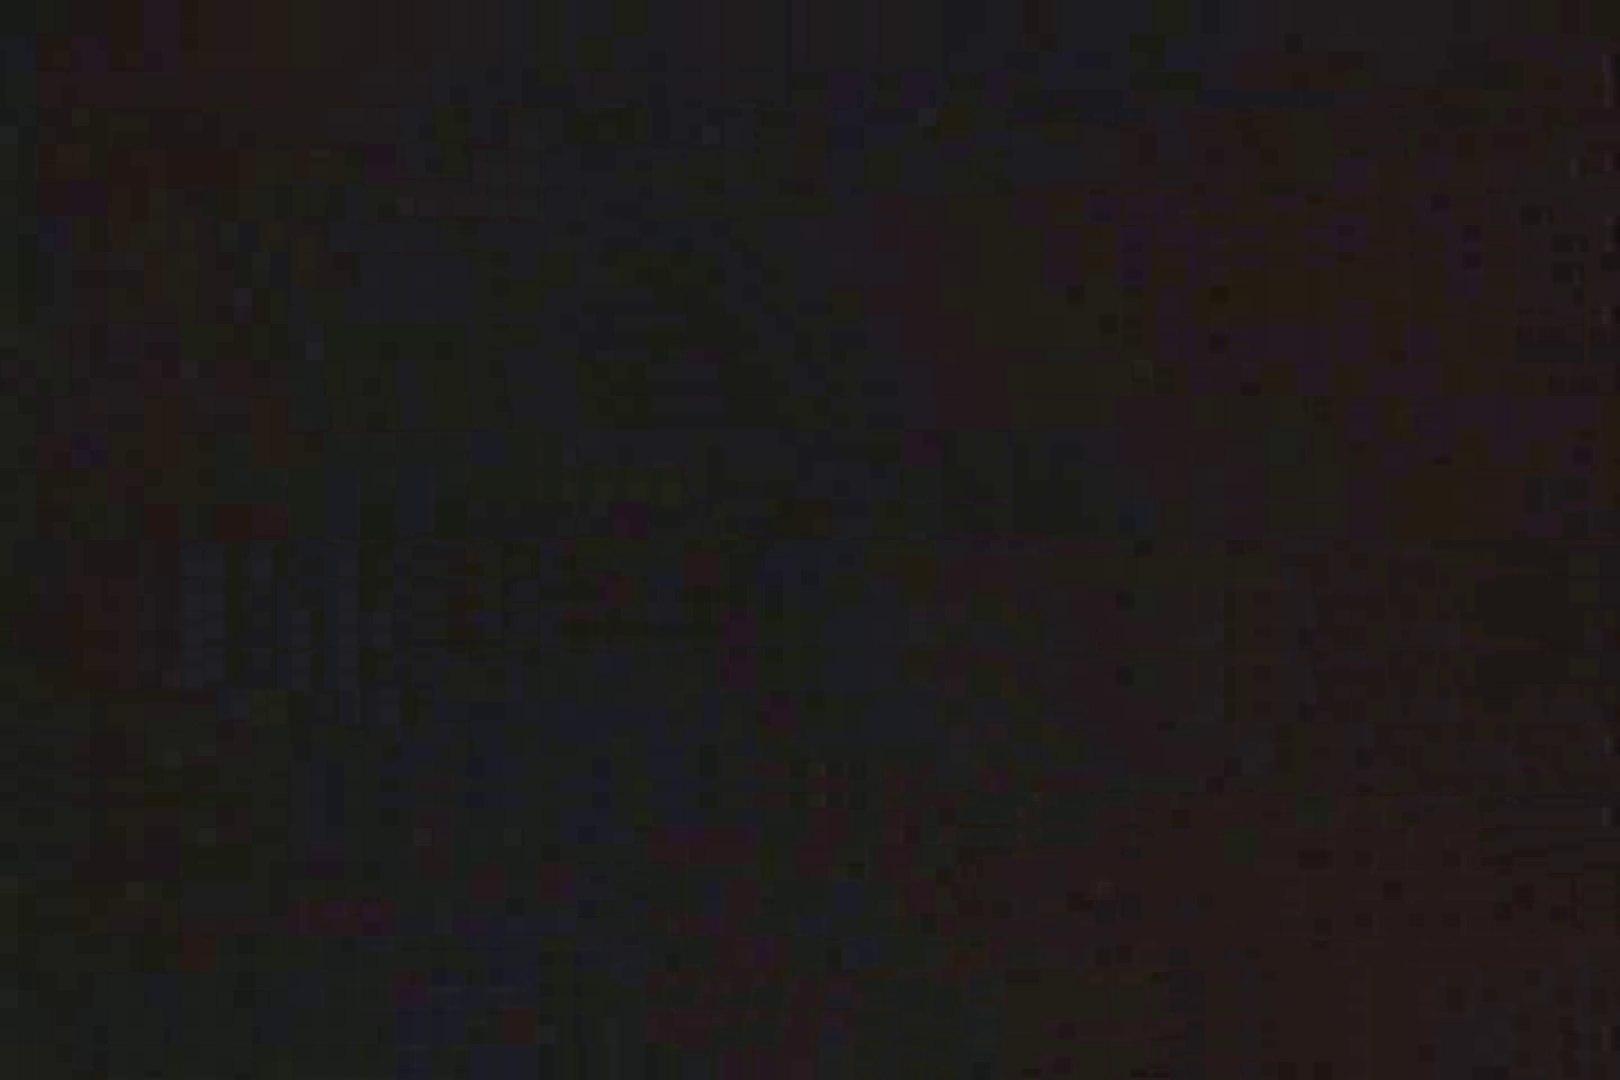 「ちくりん」さんのオリジナル未編集パンチラVol.1_01 チラ  95画像 24